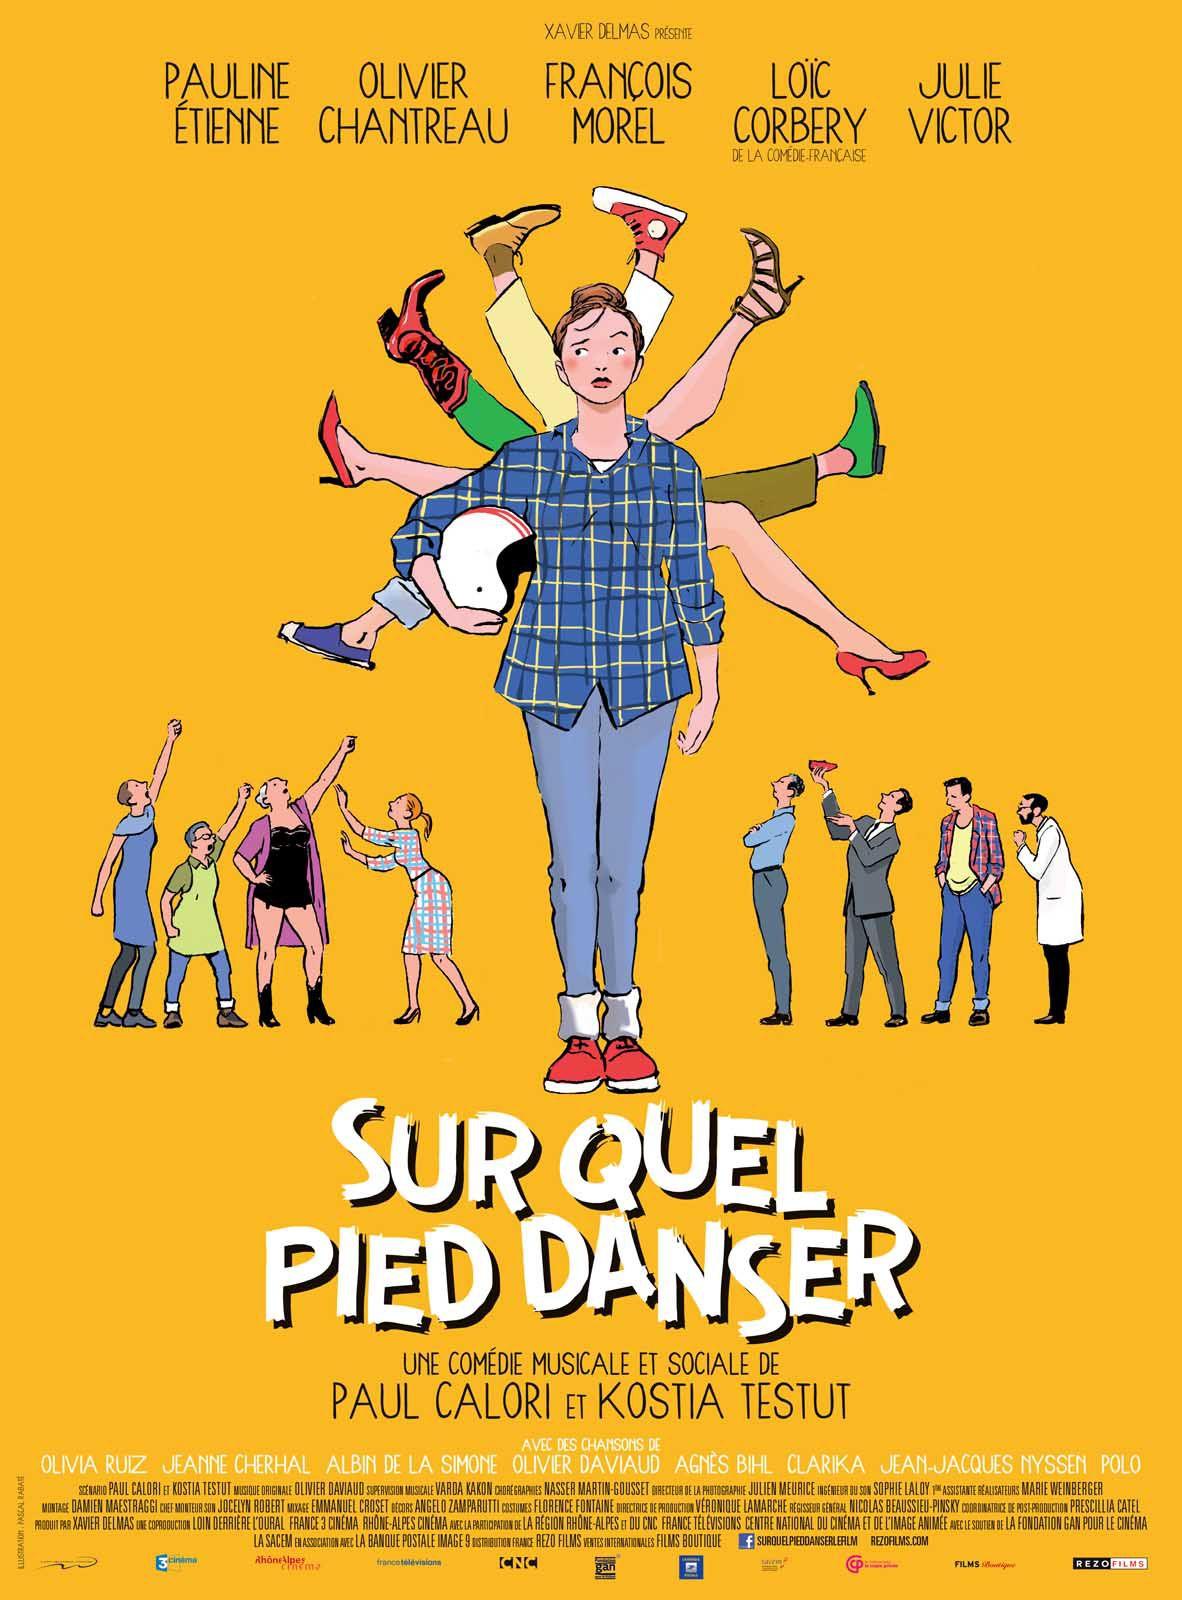 Sur quel pied danser - Film (2016)